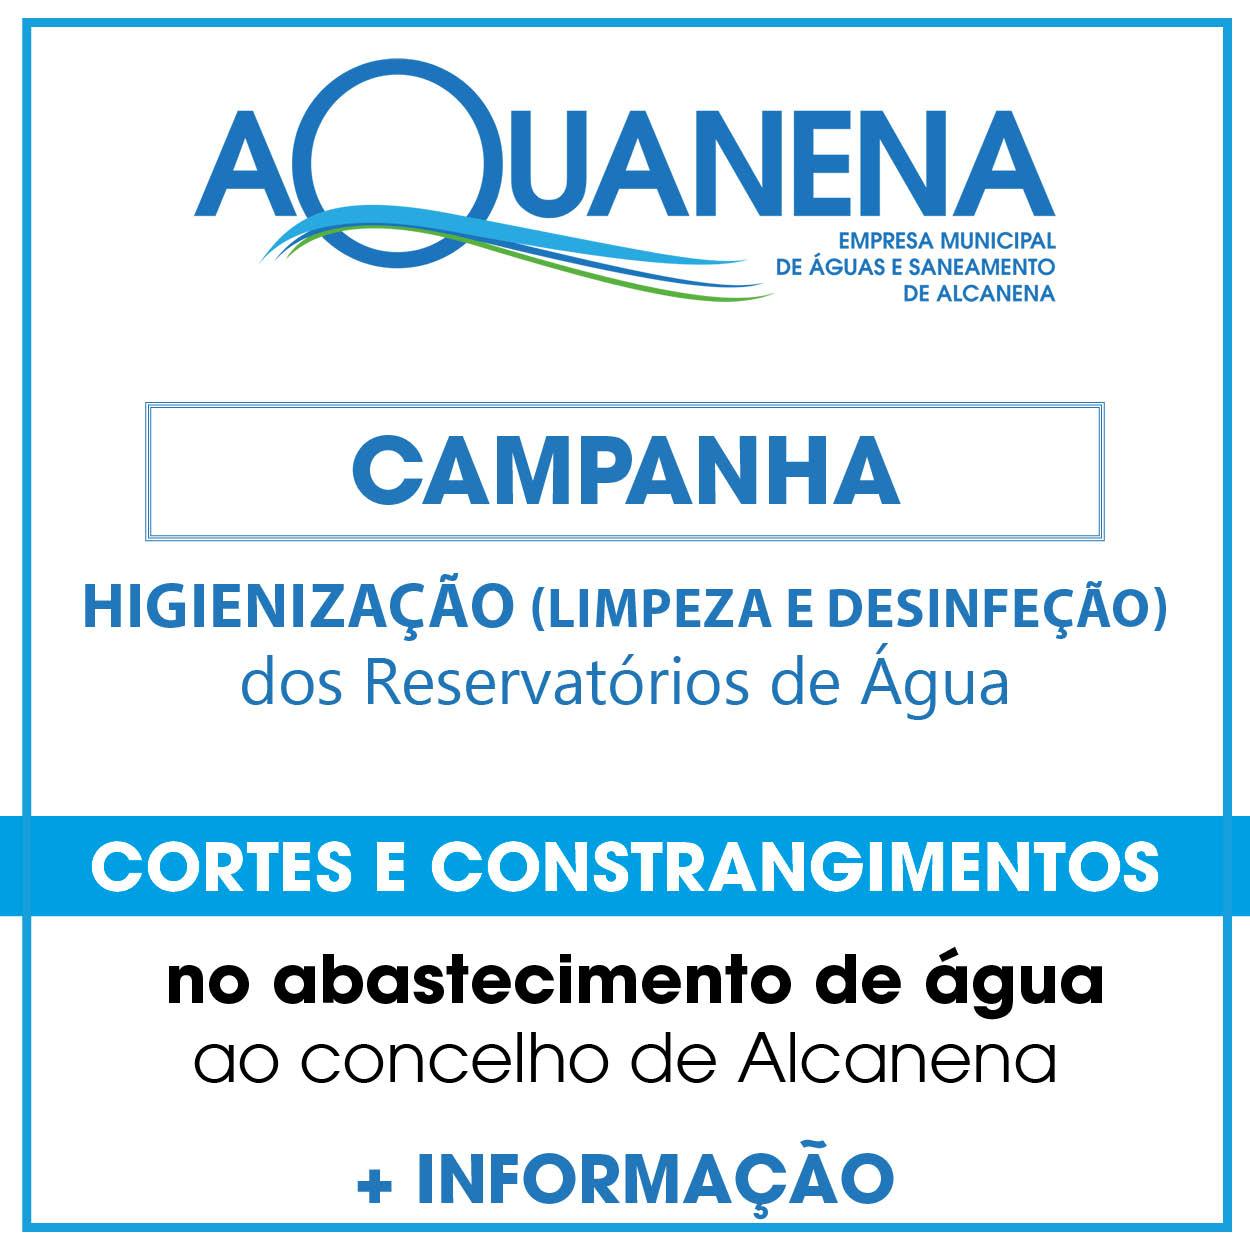 AQUANENA realiza trabalhos de higienização nos Reservatórios de Água